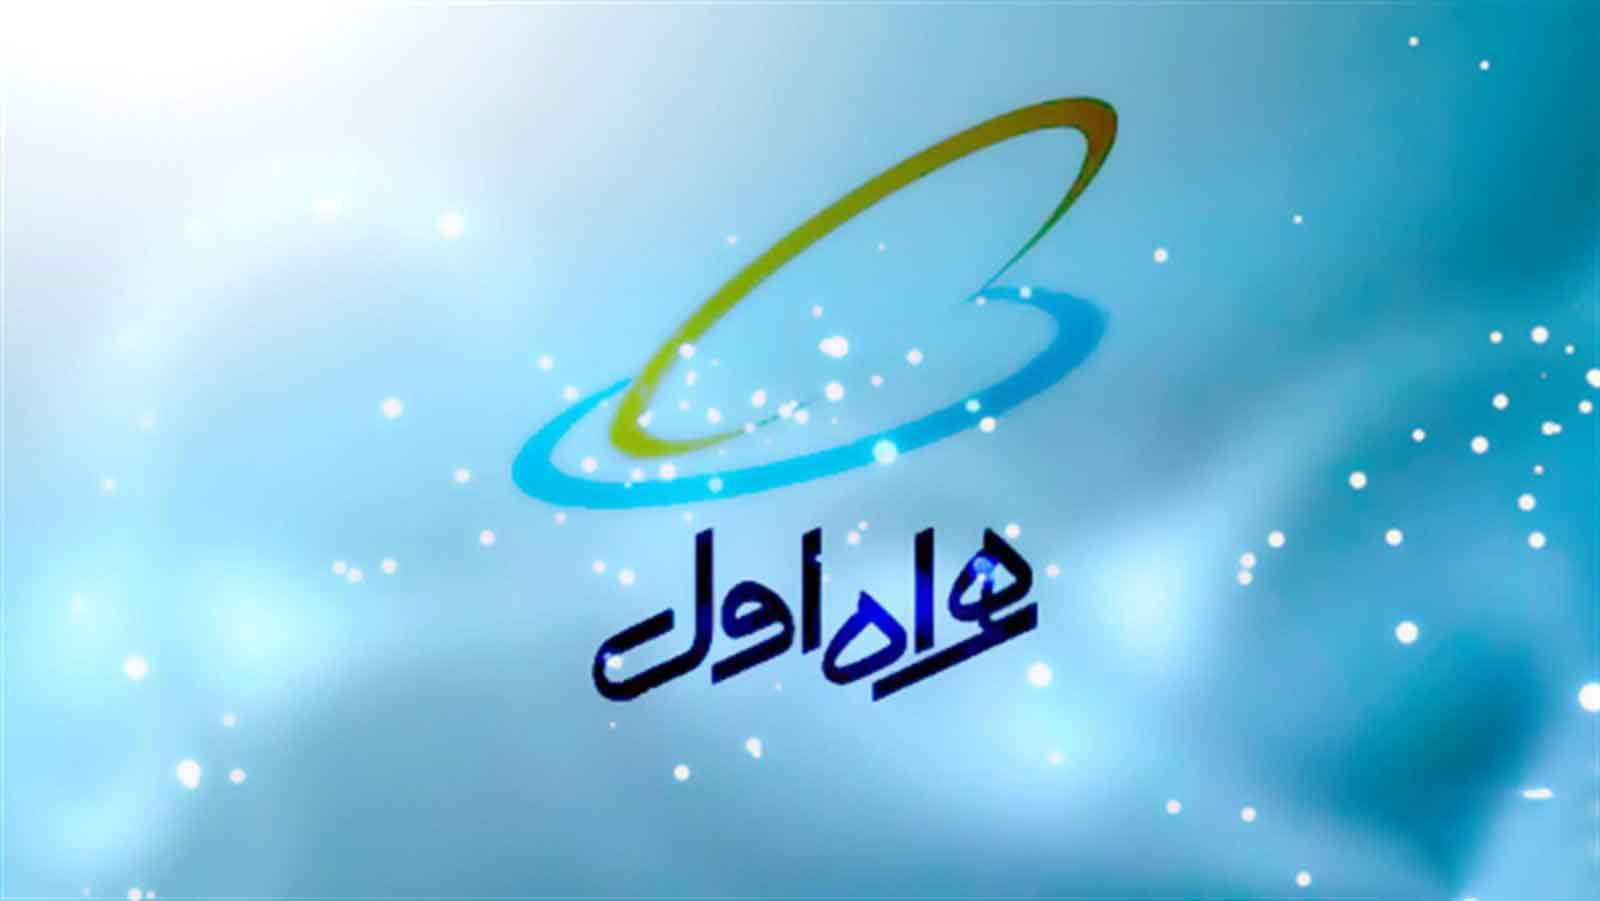 همراه اول بالاترین سرعت 5G در ایران را ثبت کرد